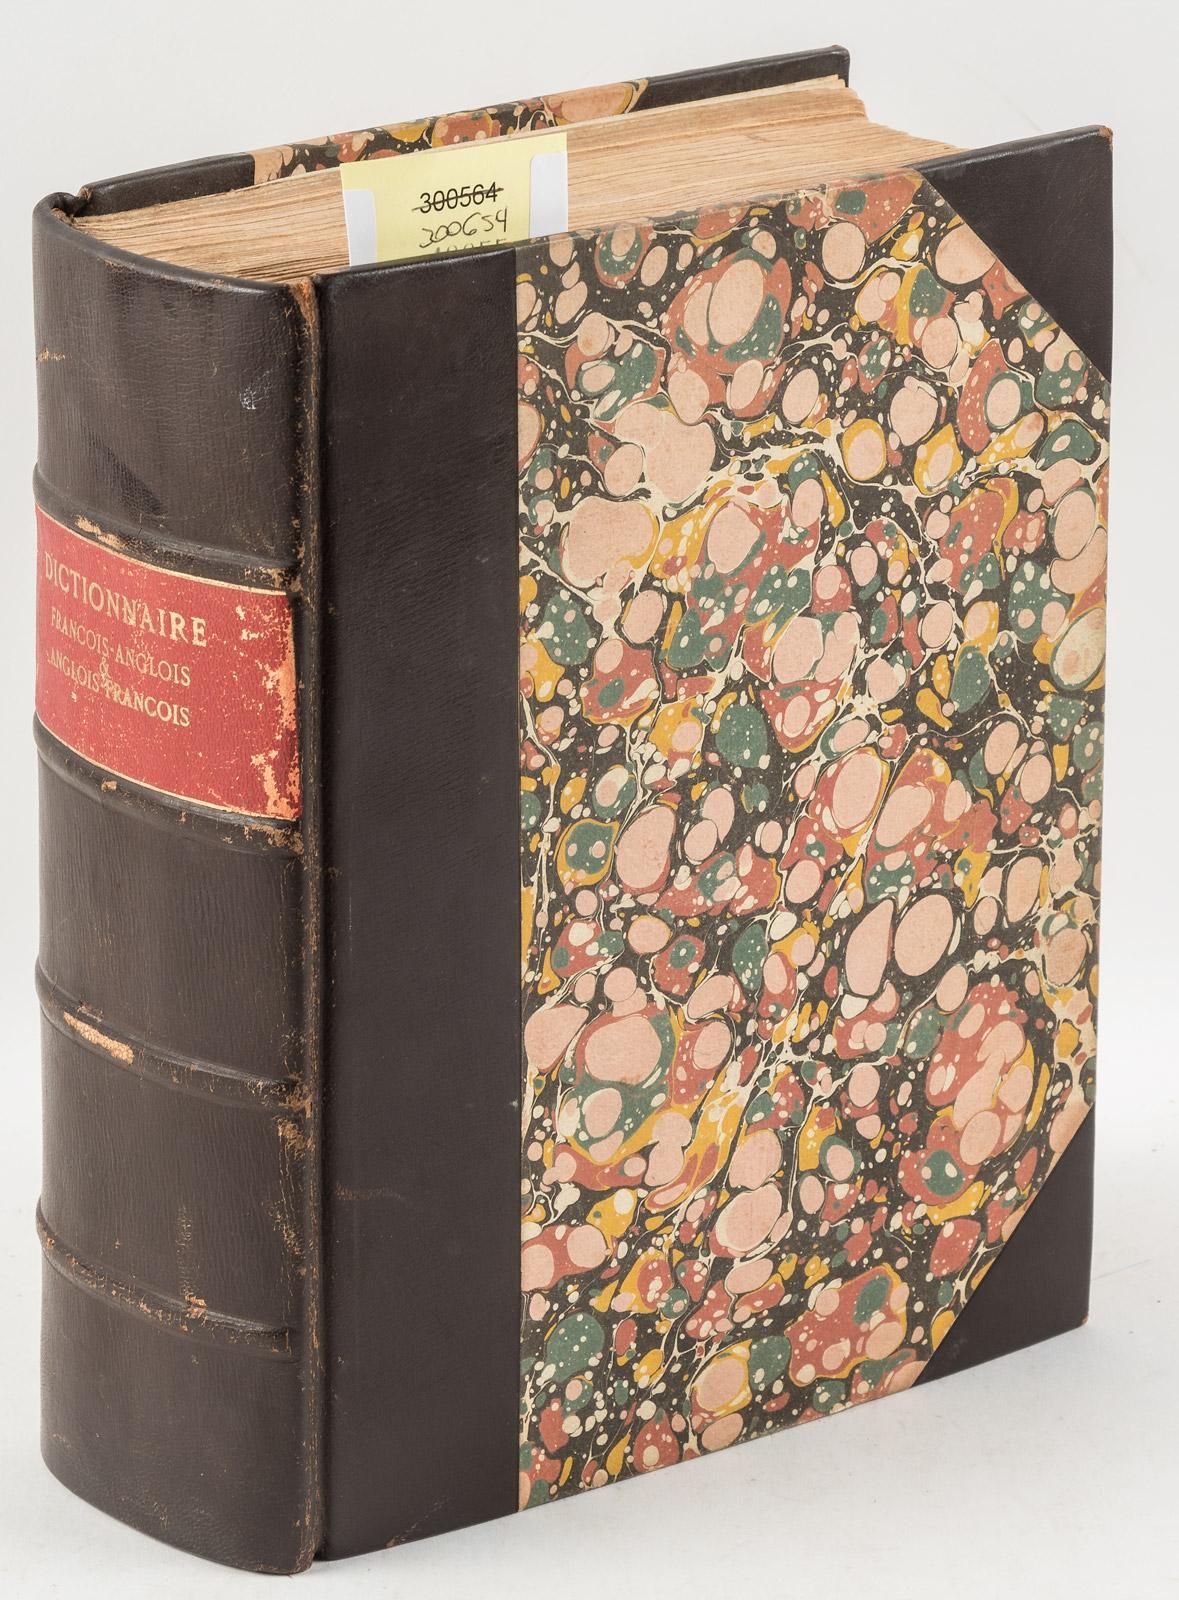 Anglois nouveau dictionnaire françois-anglois, & anglois-françois